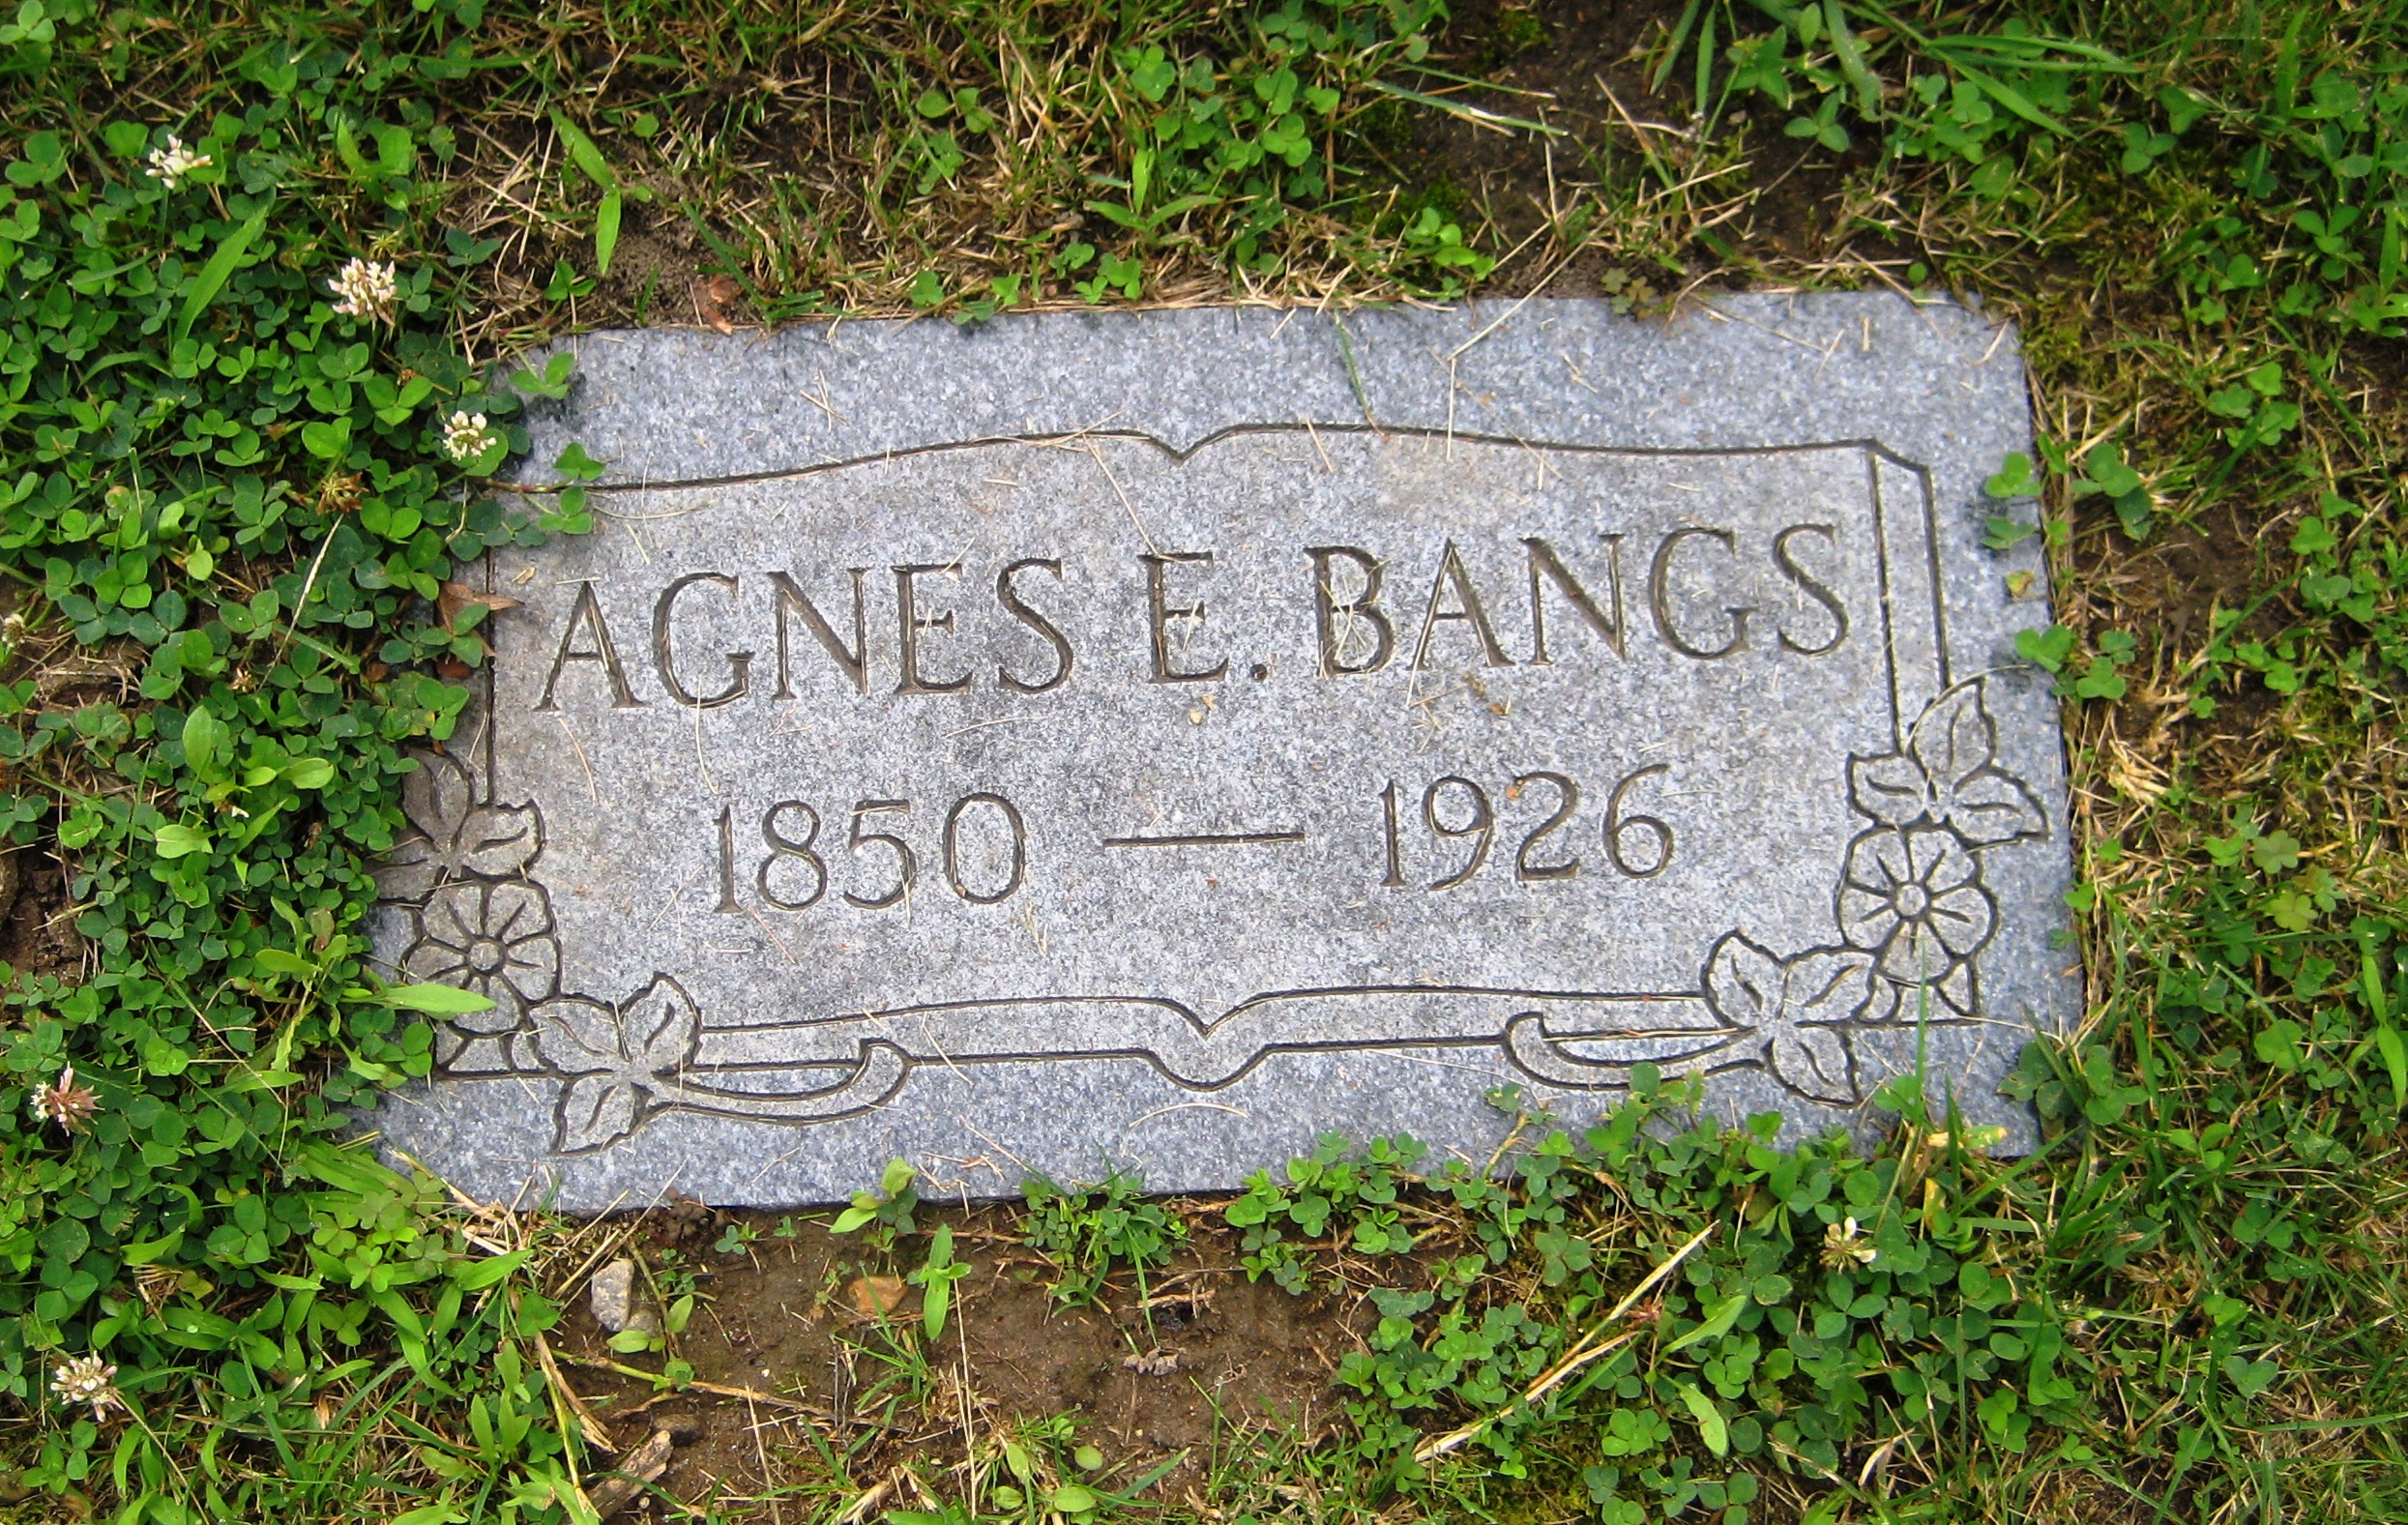 Agnes Bangs